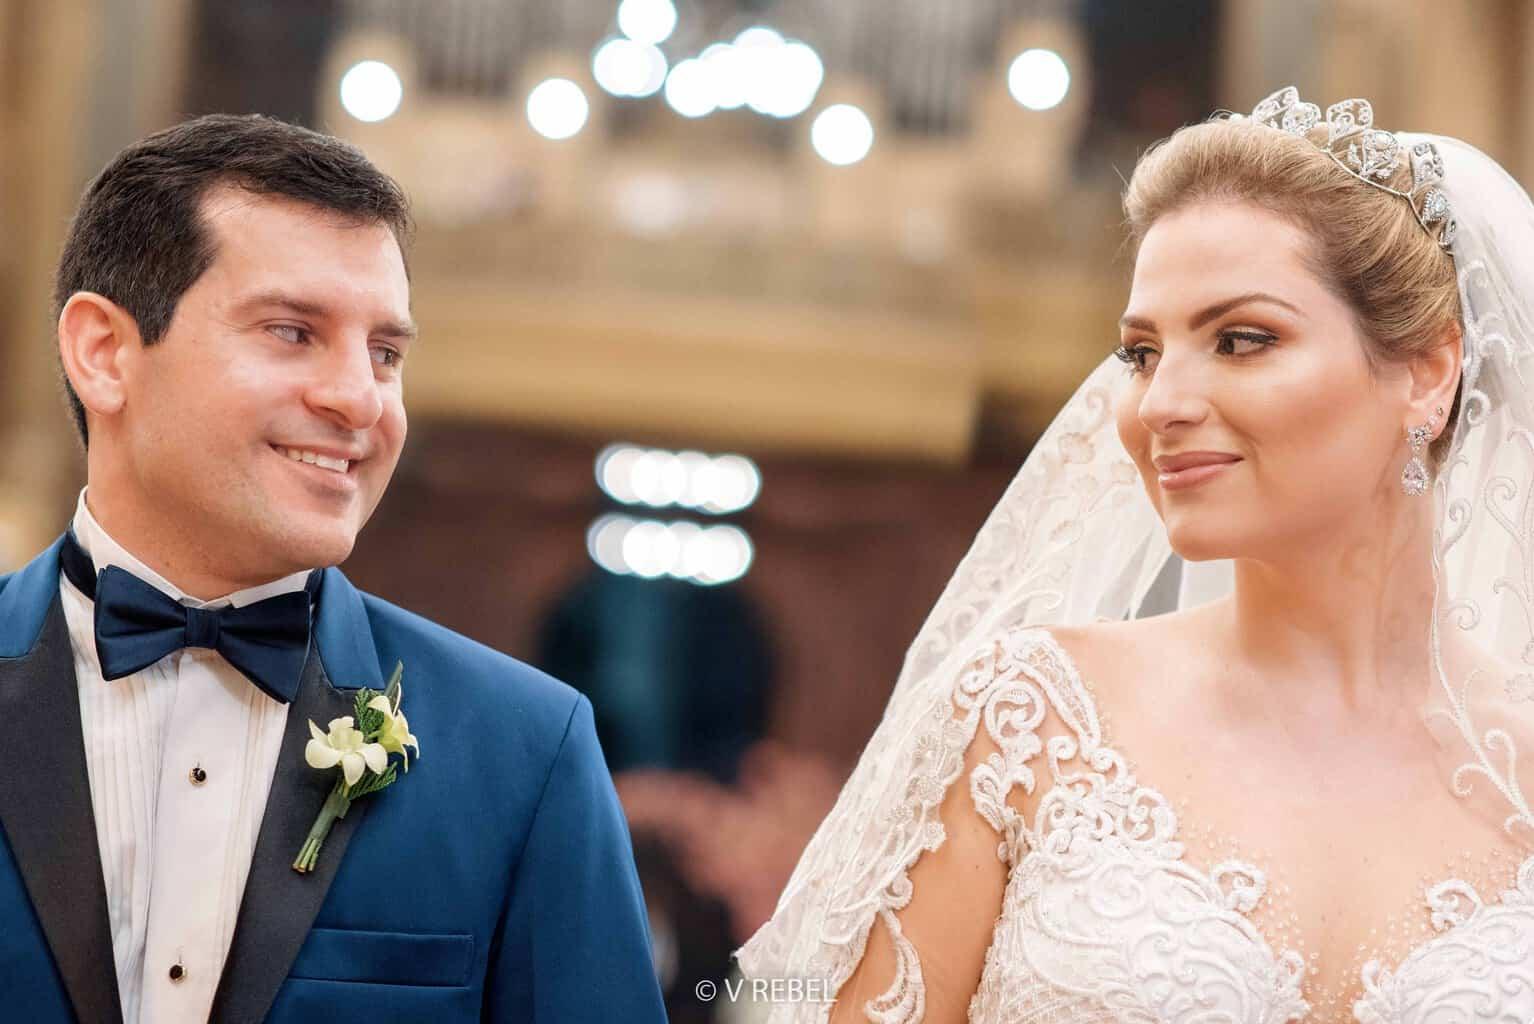 casamento-Caroline-e-Breno-casamento-clássico-cerimonia-na-igreja-fotografia-VRebel-noivos-no-altar39